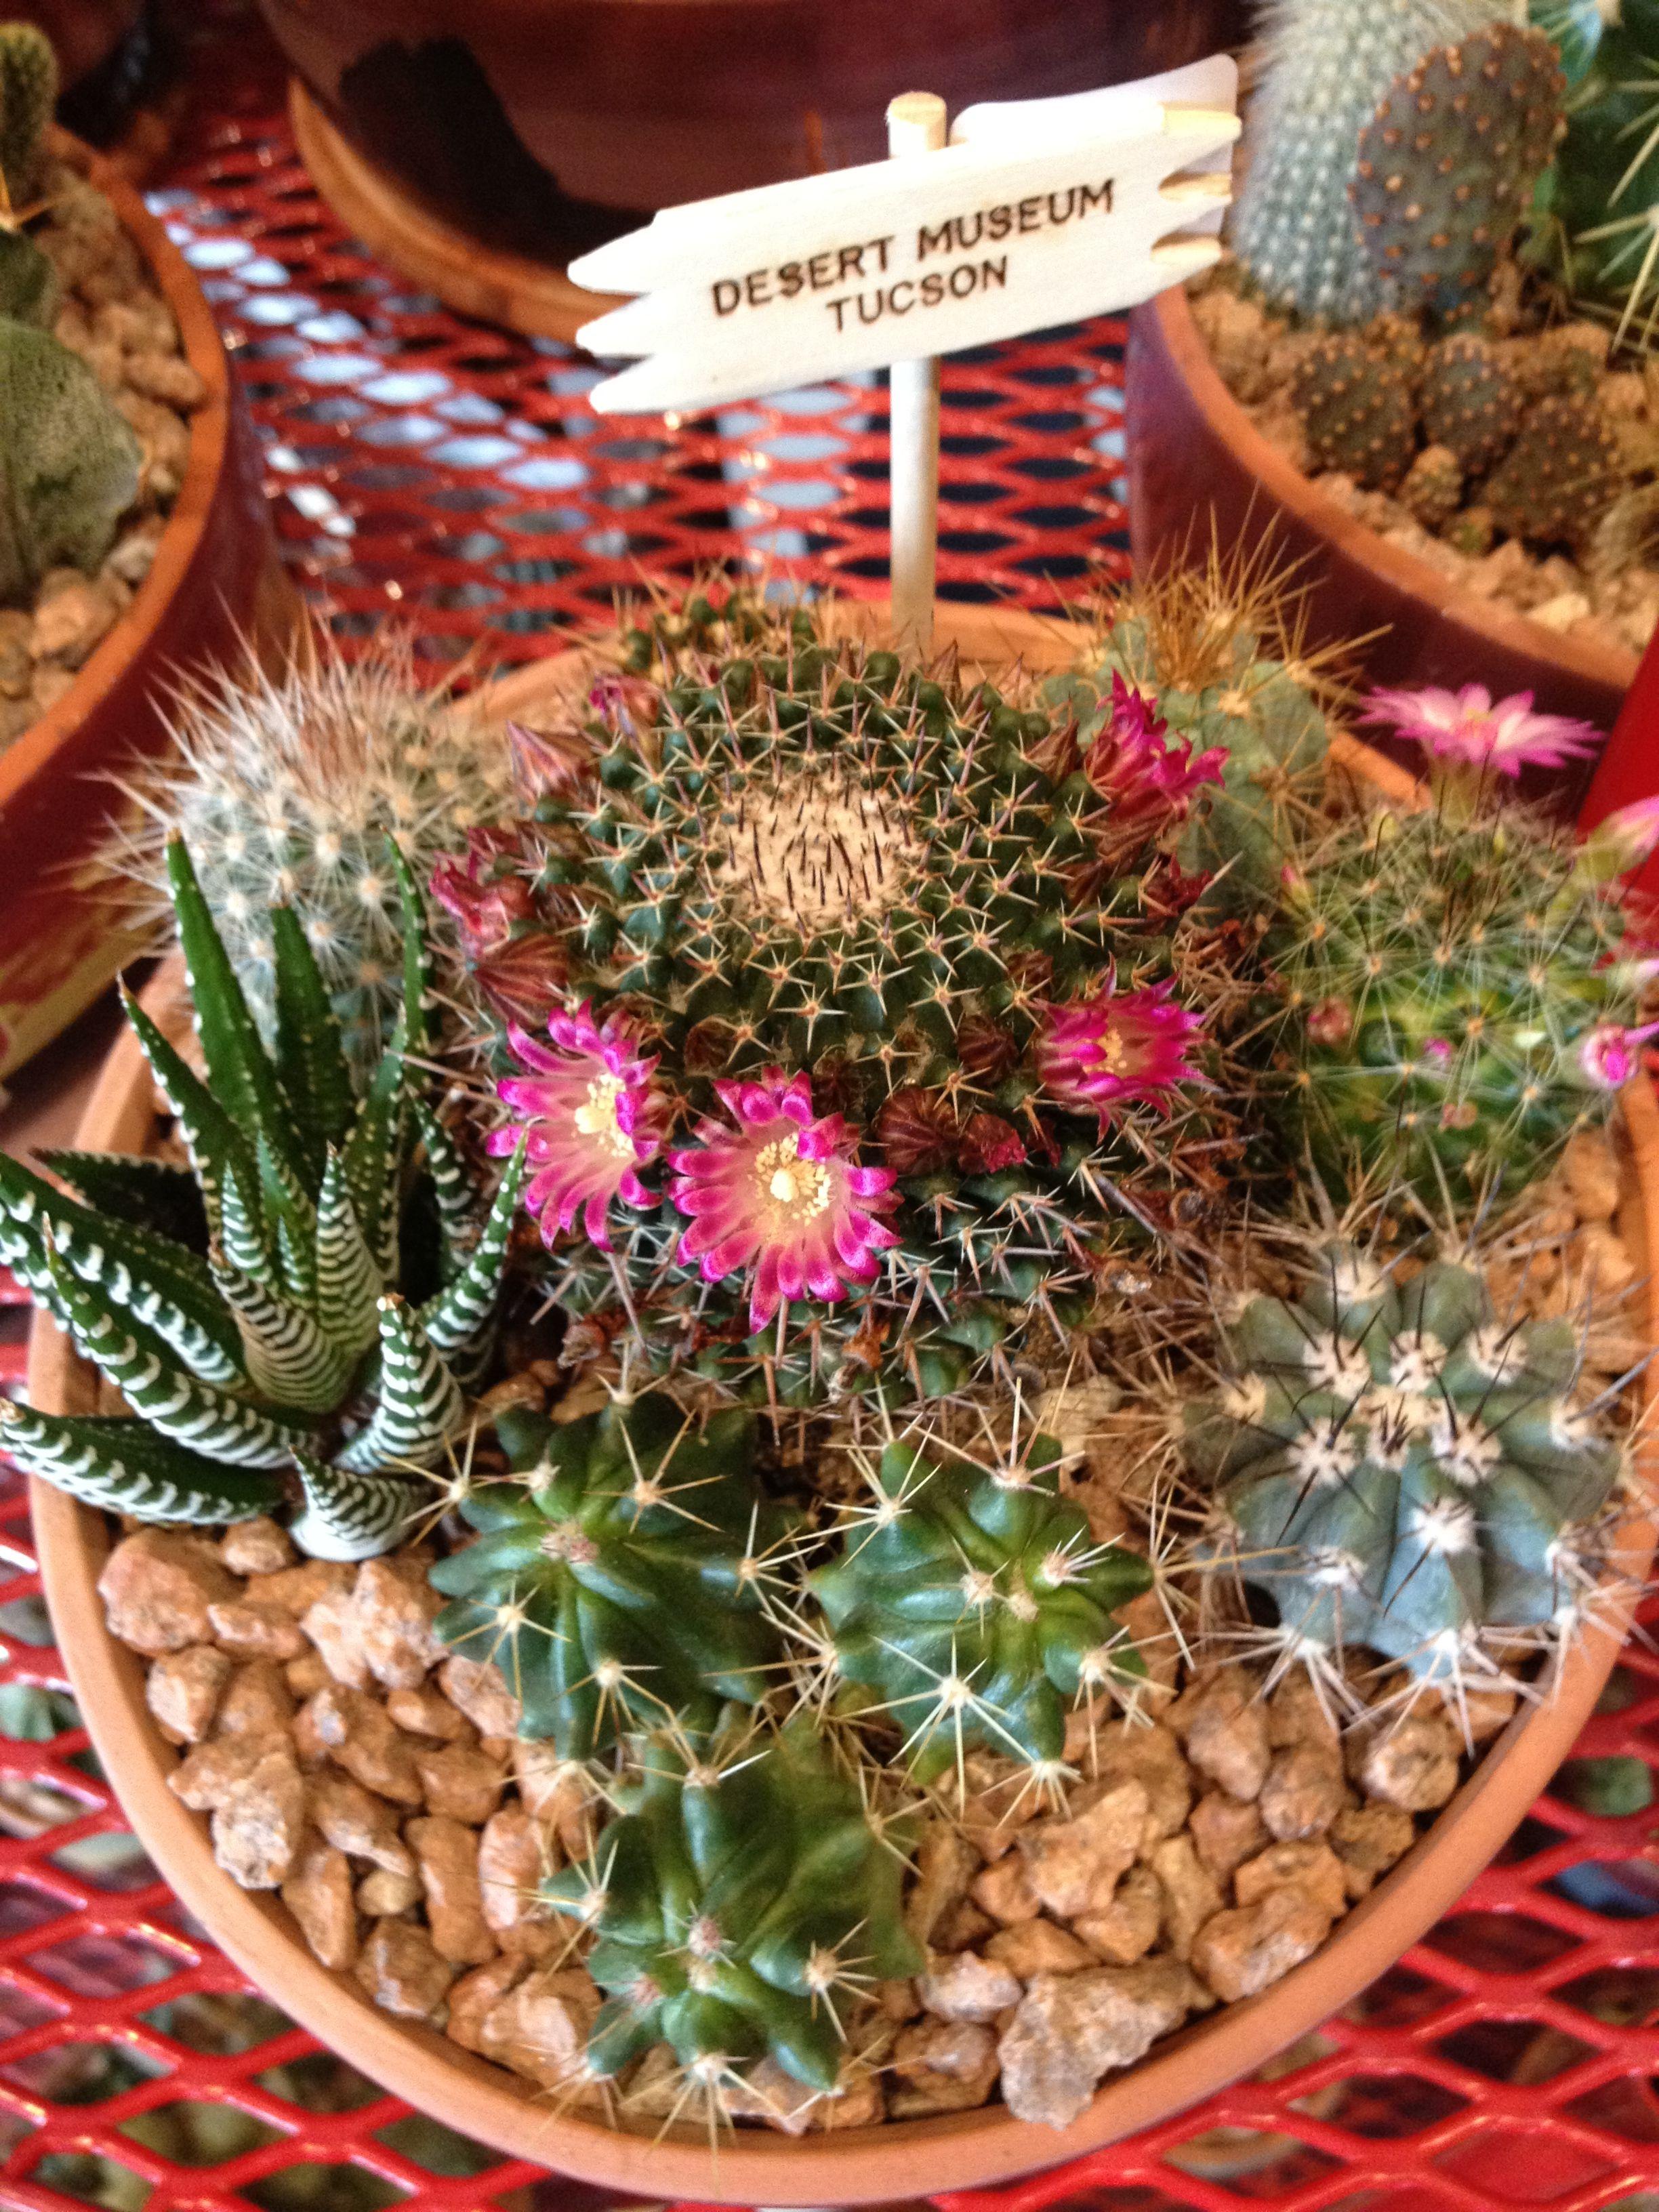 Cactus Garden For Sale. Tucson Museum.